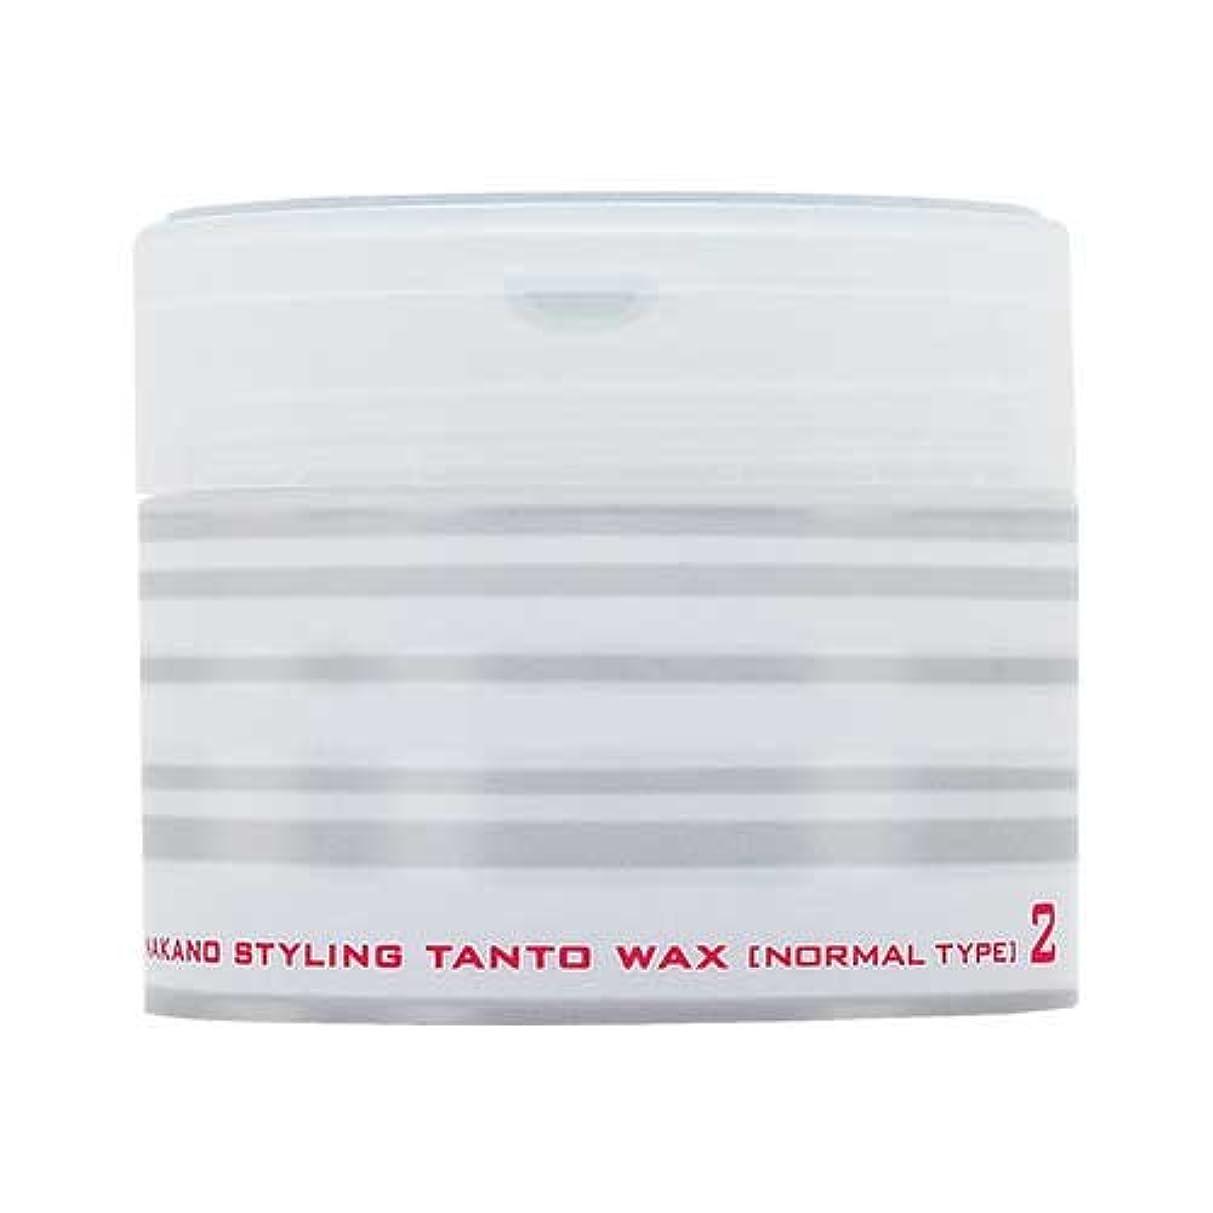 解体する改修する具体的にナカノ スタイリング タントN ワックス 2 ノーマルタイプ 90g 中野製薬 NAKANO